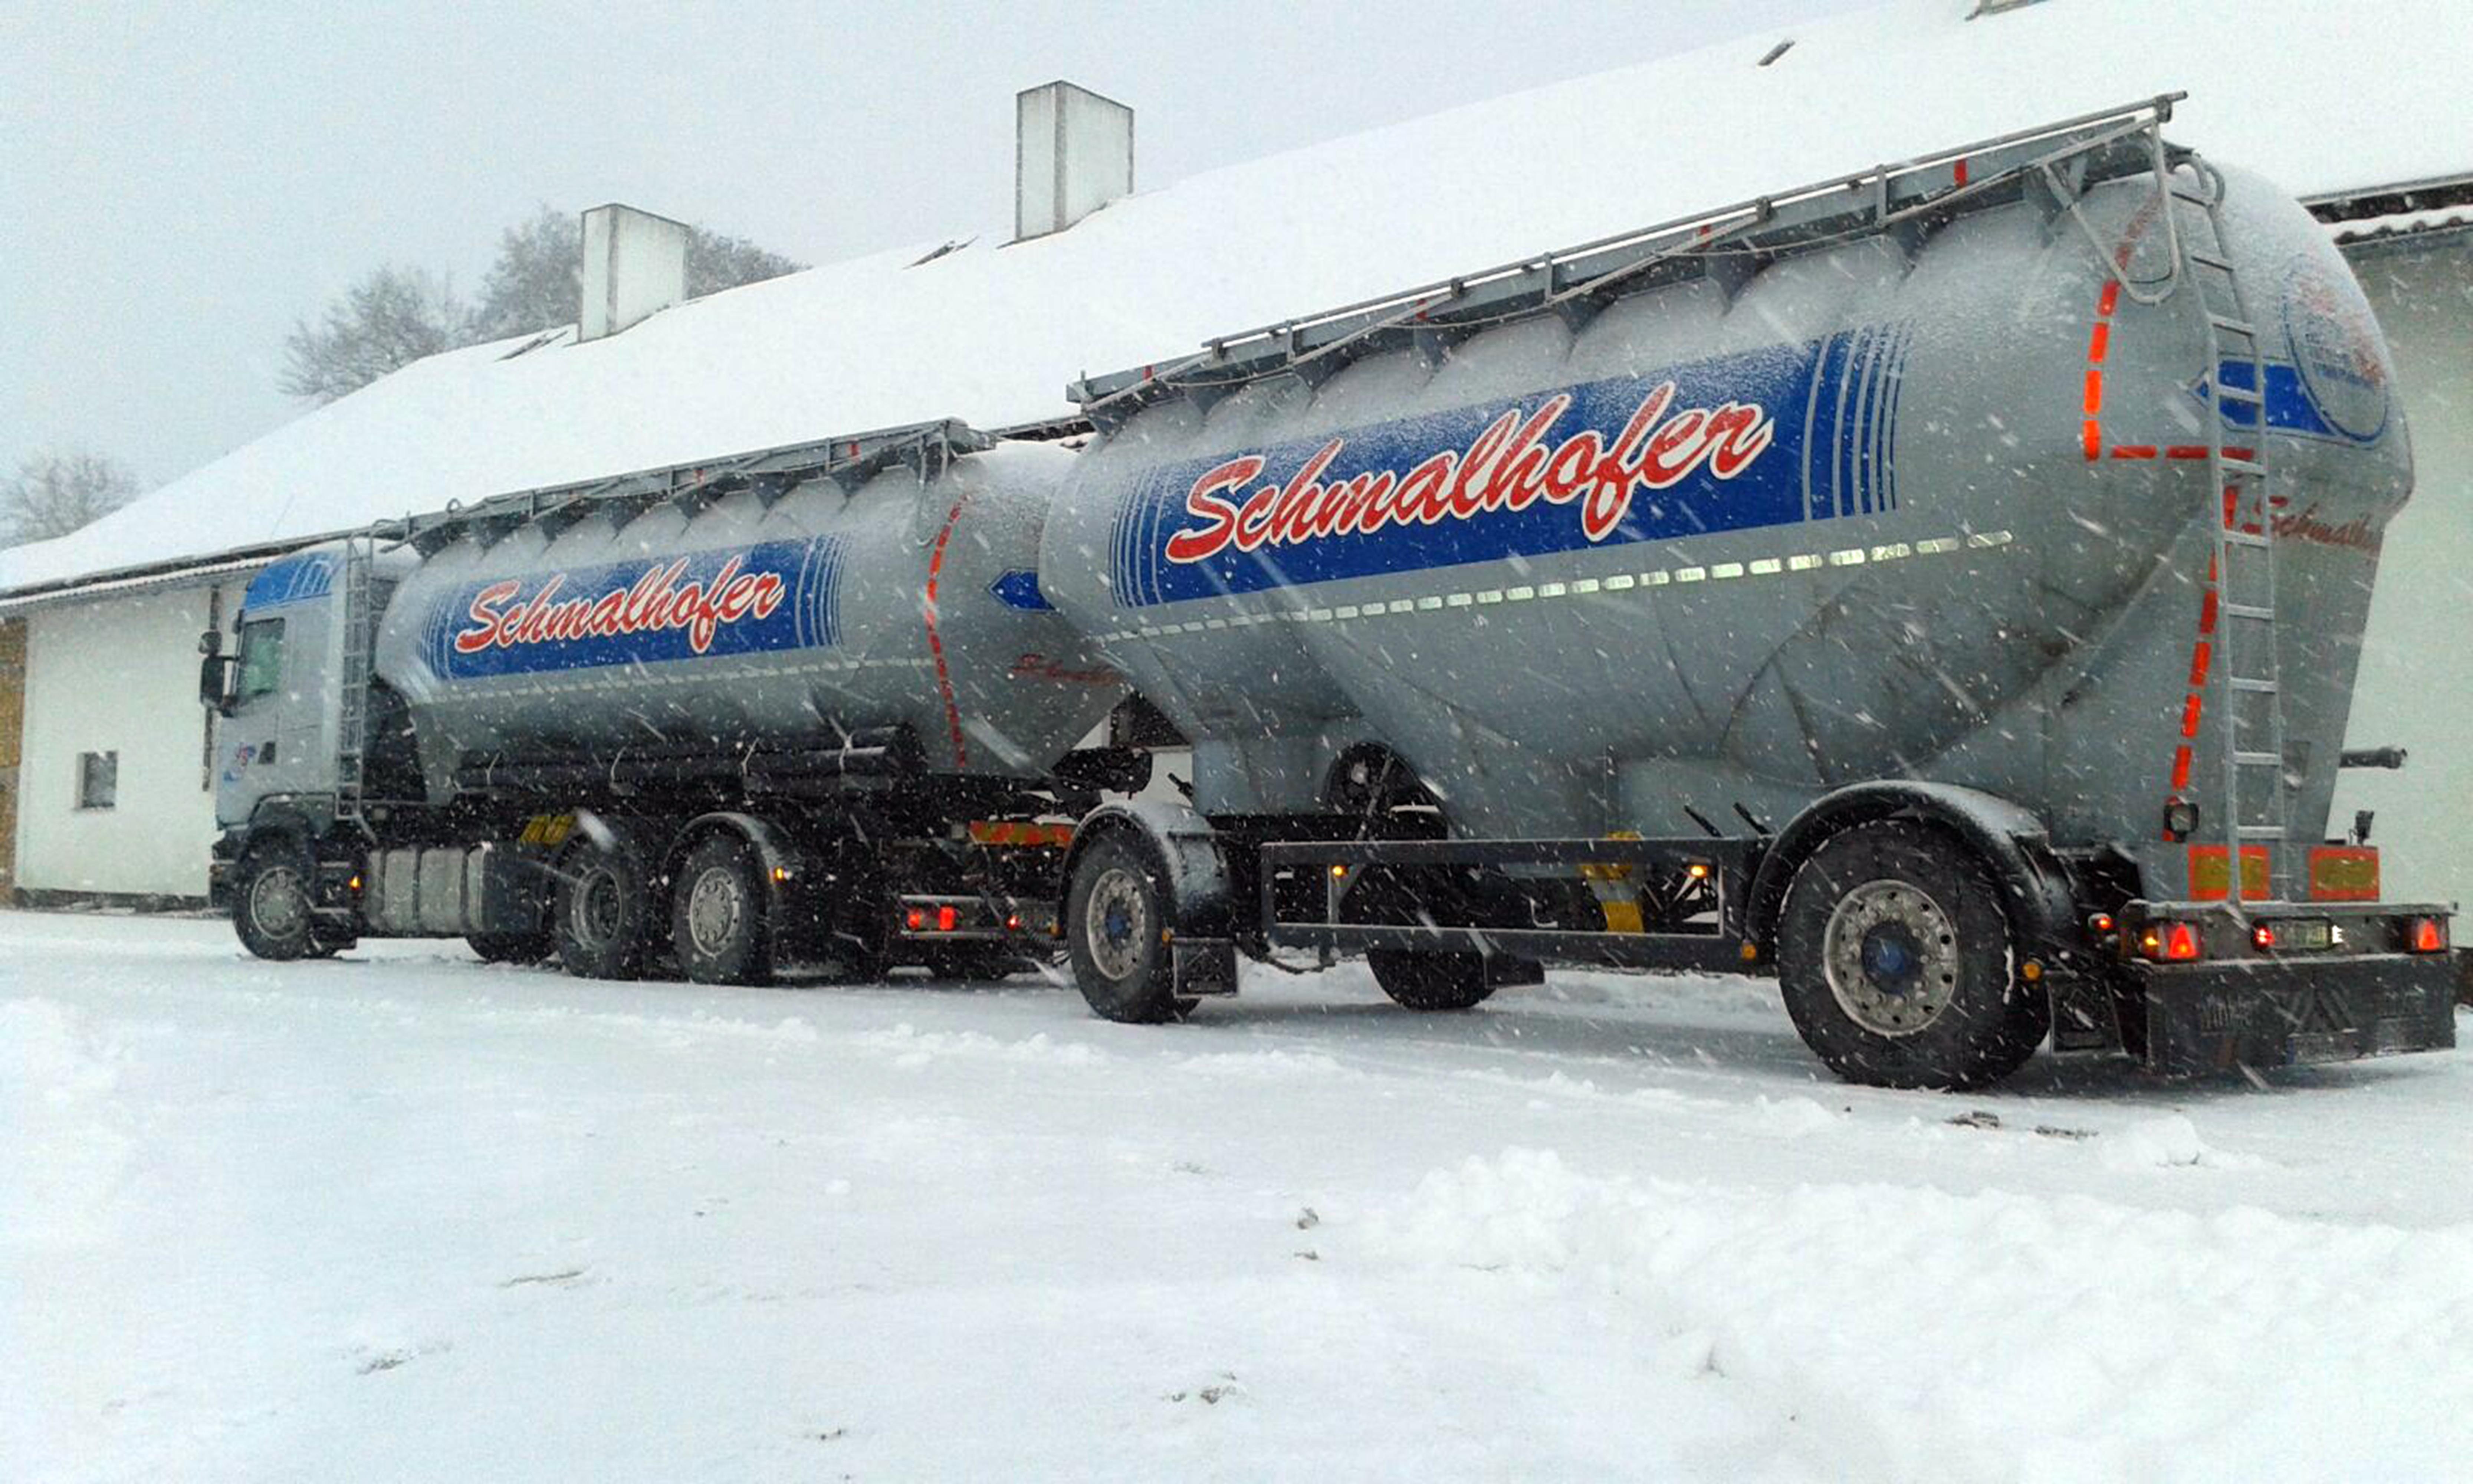 Der Antriebsachsreifen der Serie erfüllt selbst in halb abgefahrenem Zustand noch die Kriterien für die Schneeflockenmarkierung (3PMSF).